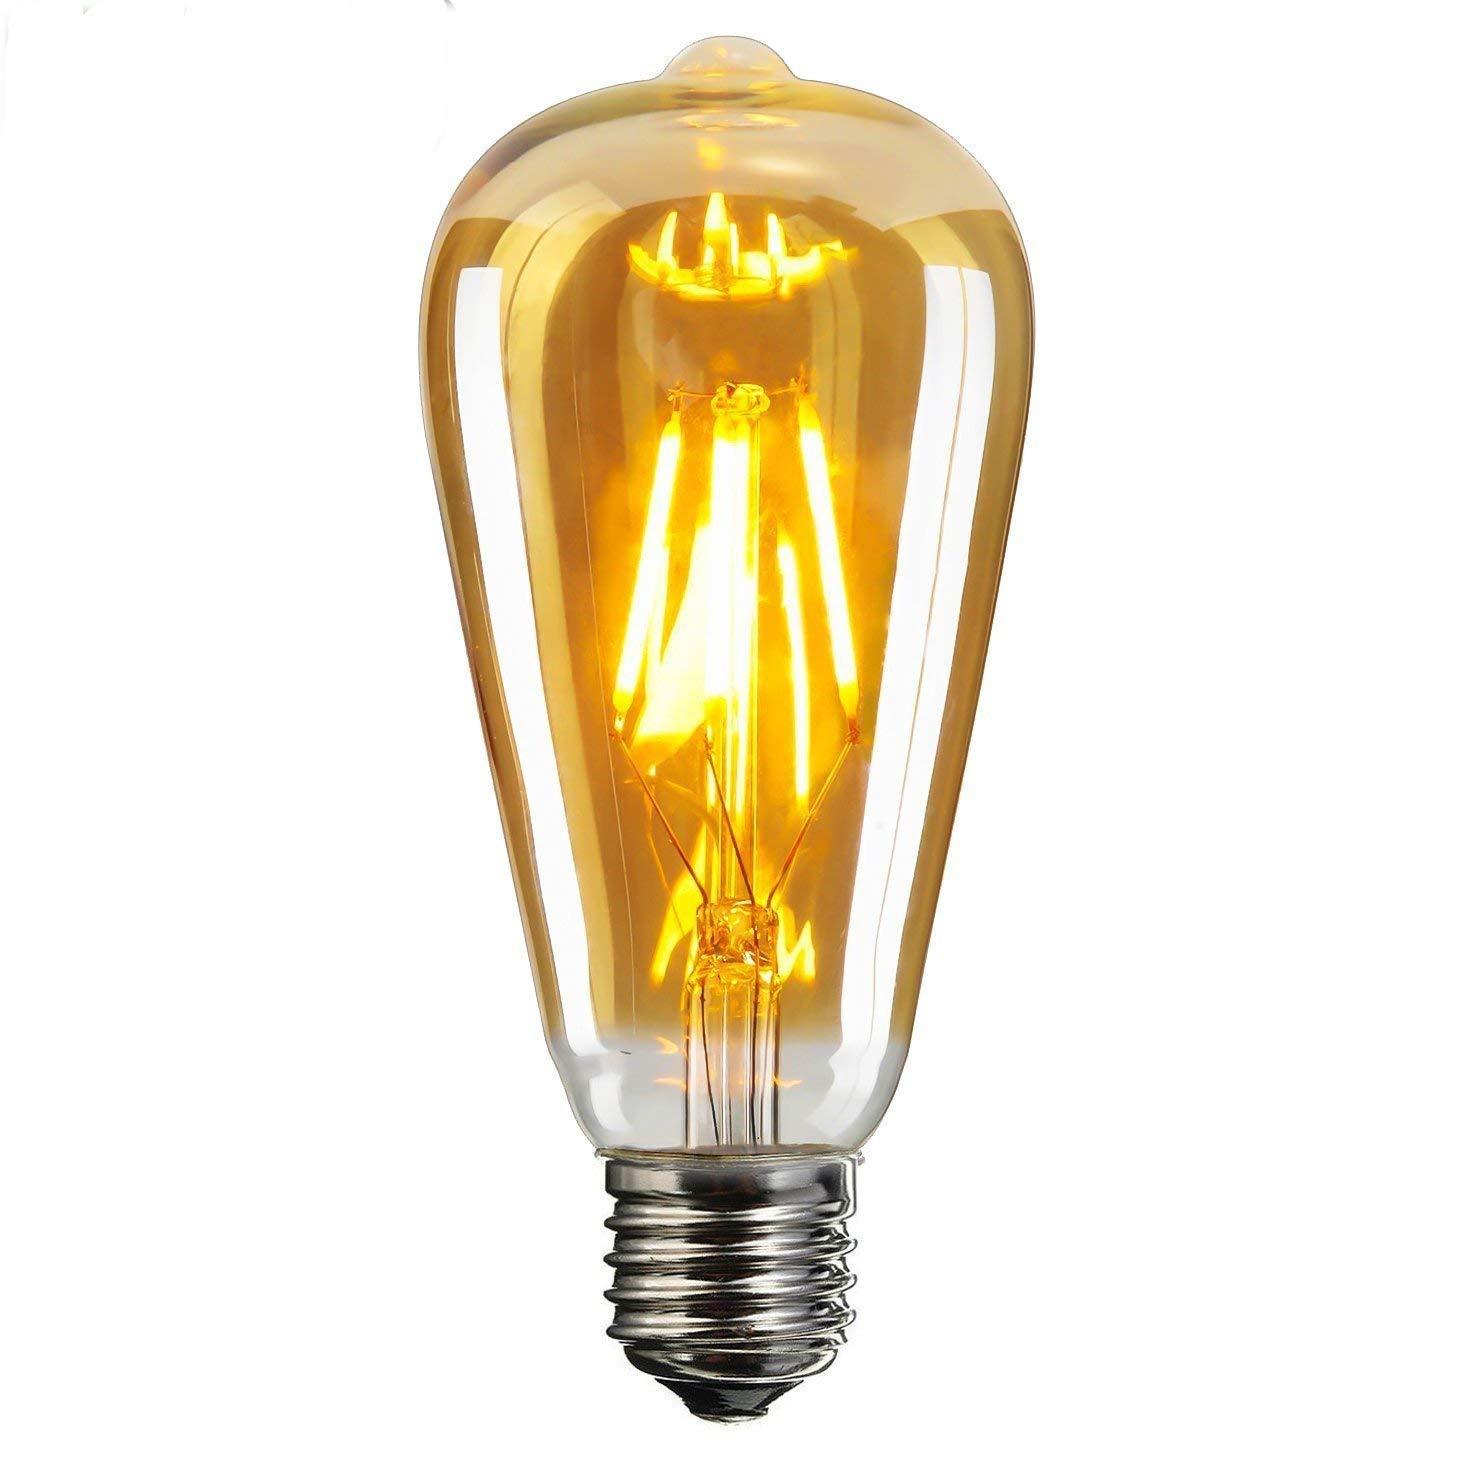 1- Pack,E26 LED Edison Light Bulbs, 6W Equivalent 60W, Amber Glass LED Light Bulbs, ST64 Vintage Edison Light Bulb LED Lighting, 600 Lumen Warm White 2700K,Dimmable